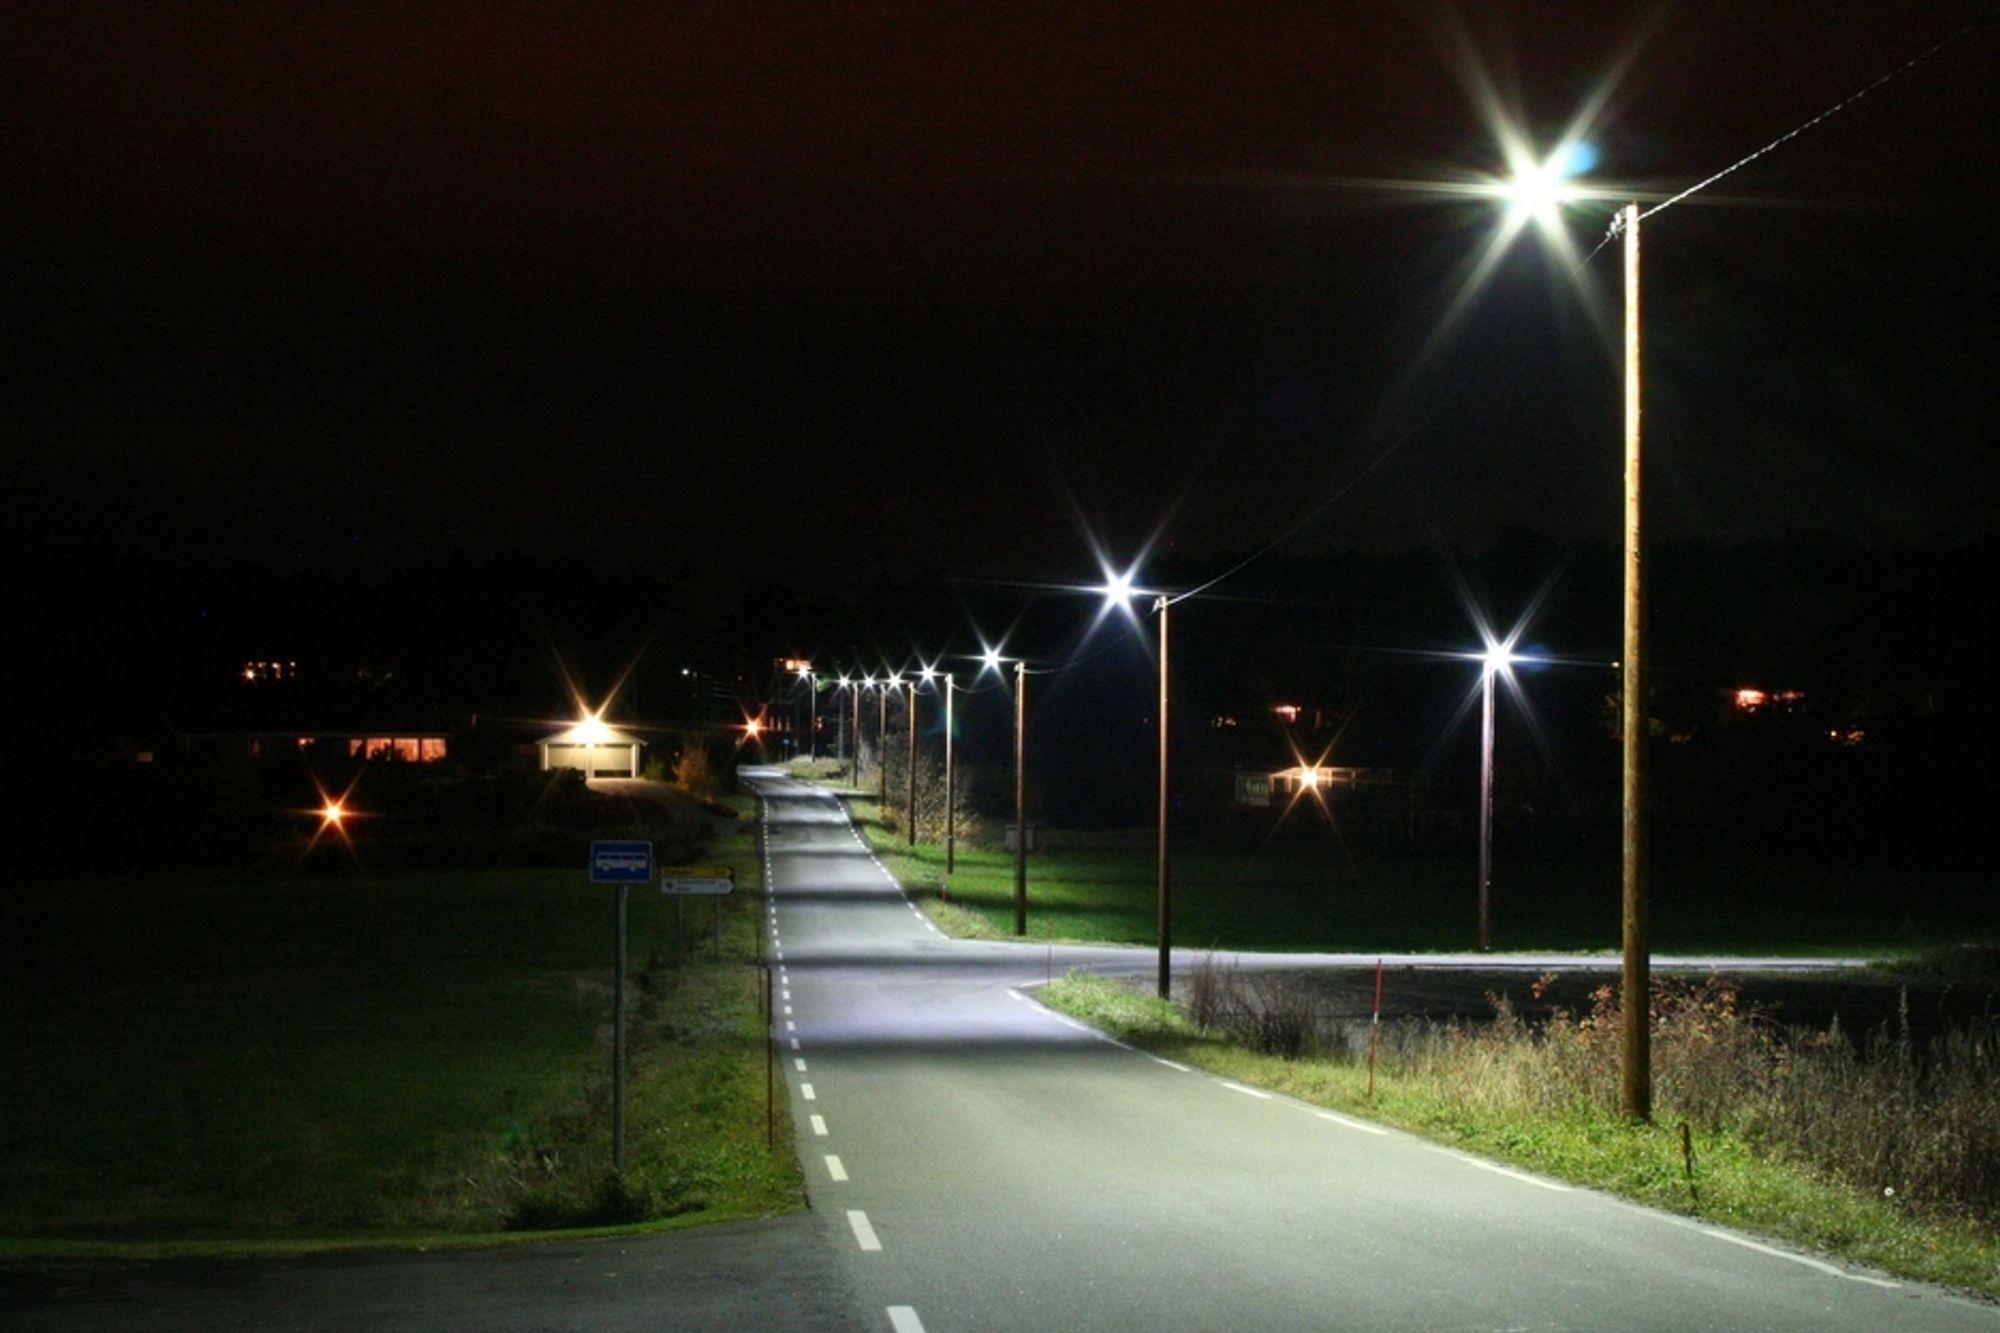 LED vegbelysningen som blir testet på Tromøy i Arendal, gir et hvitaktig, behagelig lys som gir god oversikt og fremhever detaljer langs vegbanen.